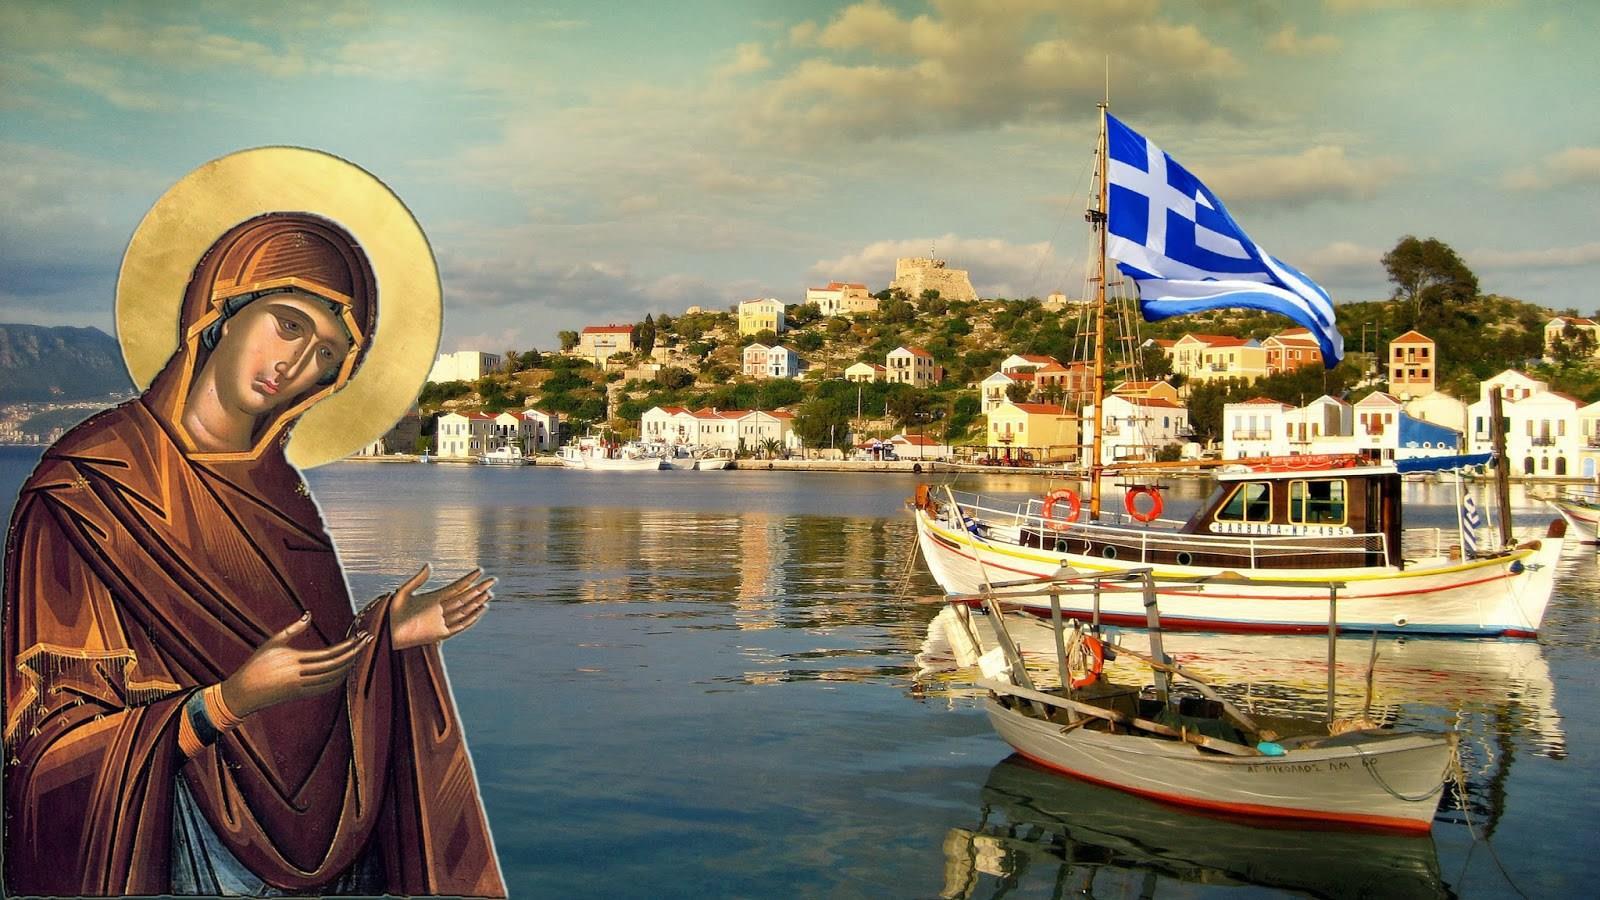 Η εβδομάδα της Παναγίας και του Αγίου Πατροκοσμά του Πατέρα του Γένους των Ελλήνων